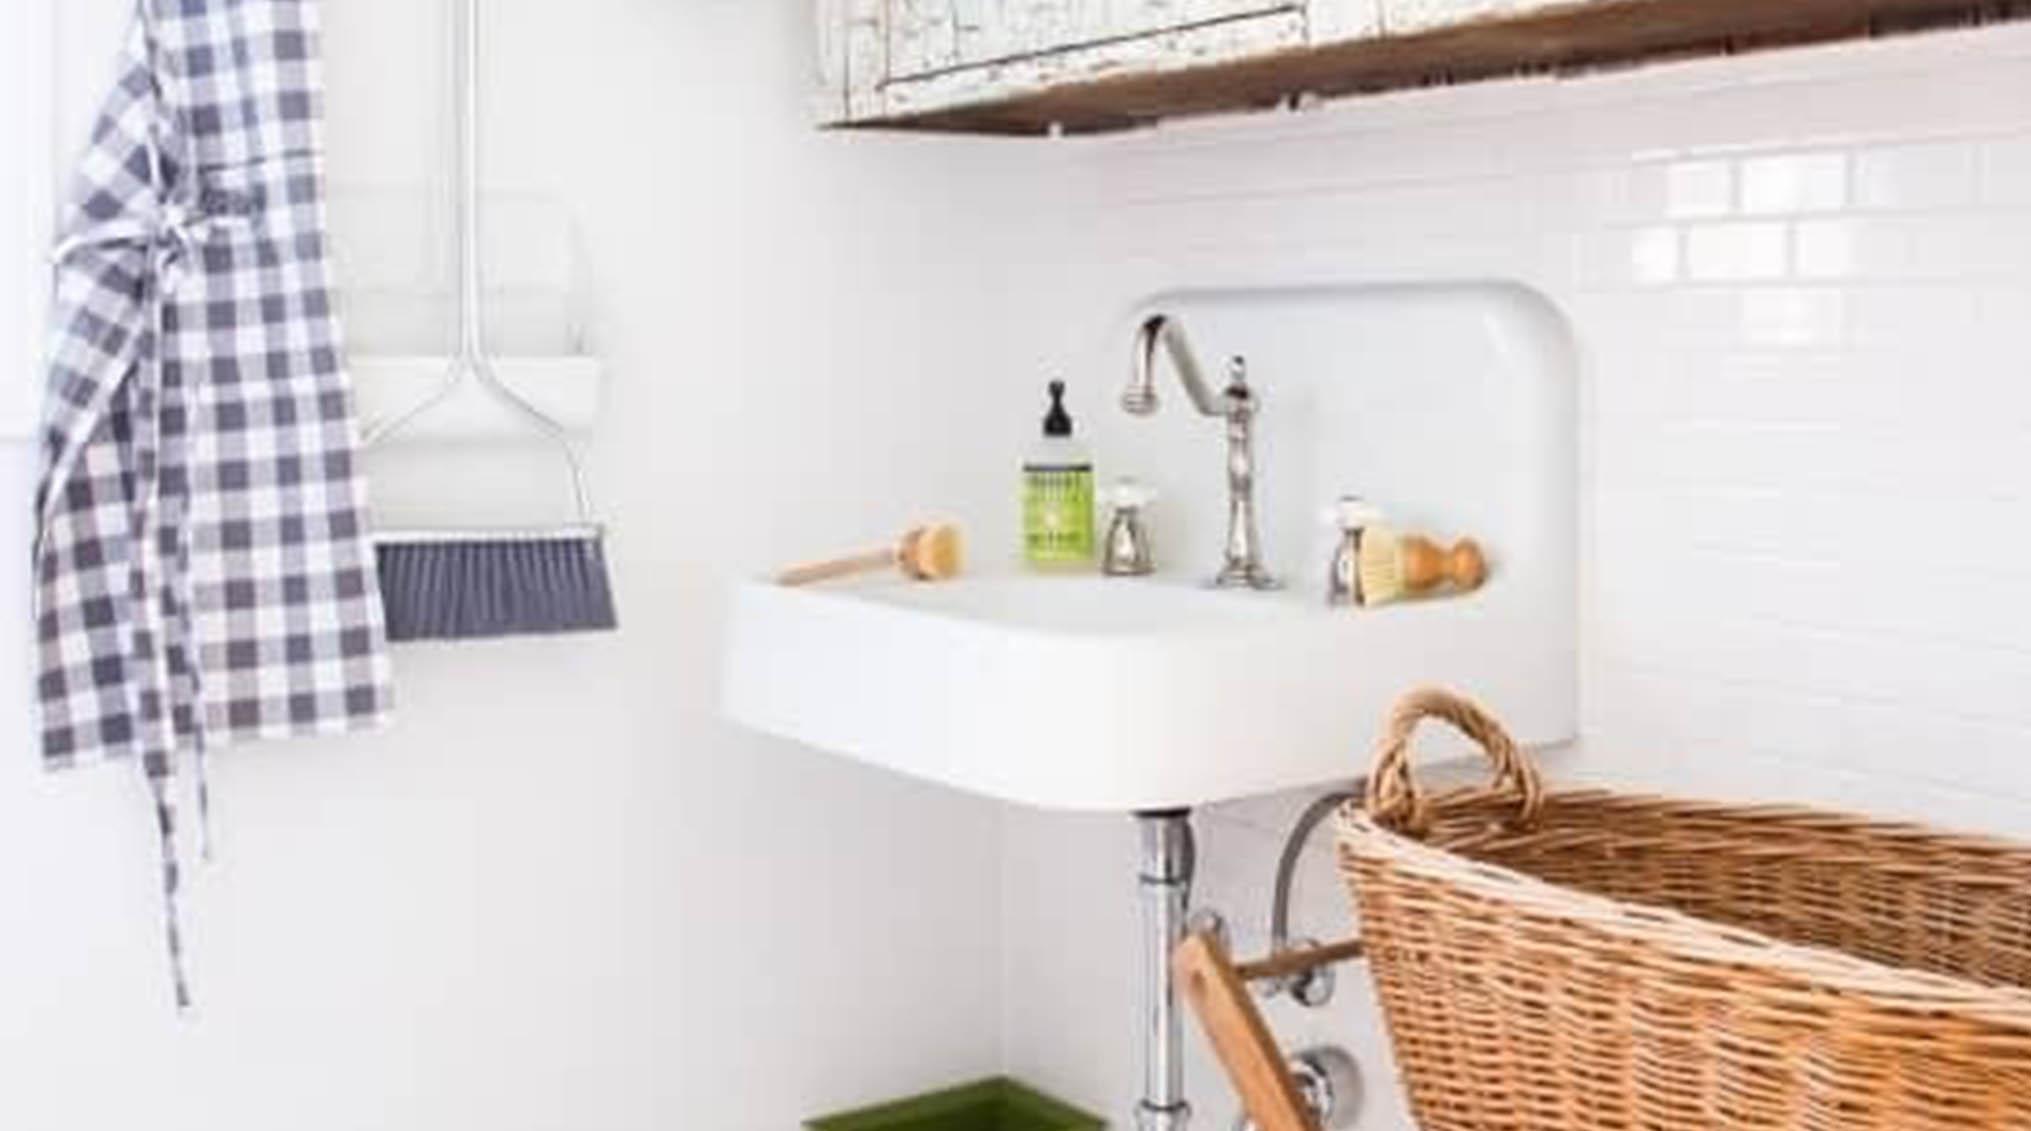 شستشوی حمام و سرویس بهداشتی